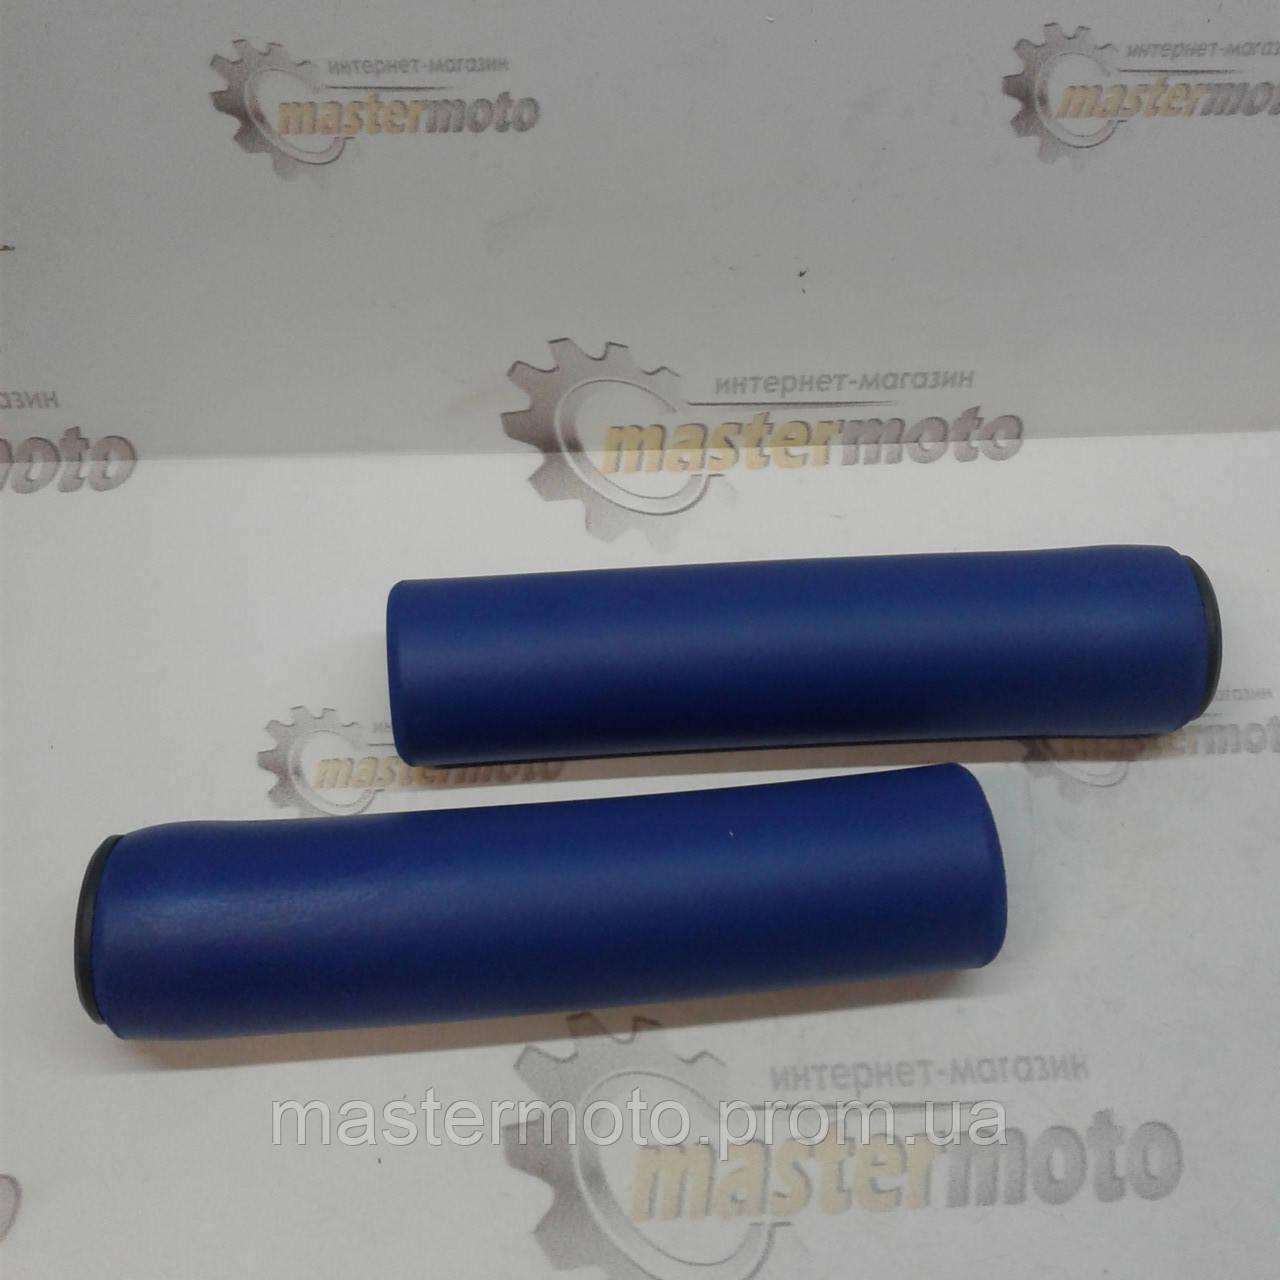 Рукоятки руля 130мм, пенорезиновые, синие велосипедные AOPERATE